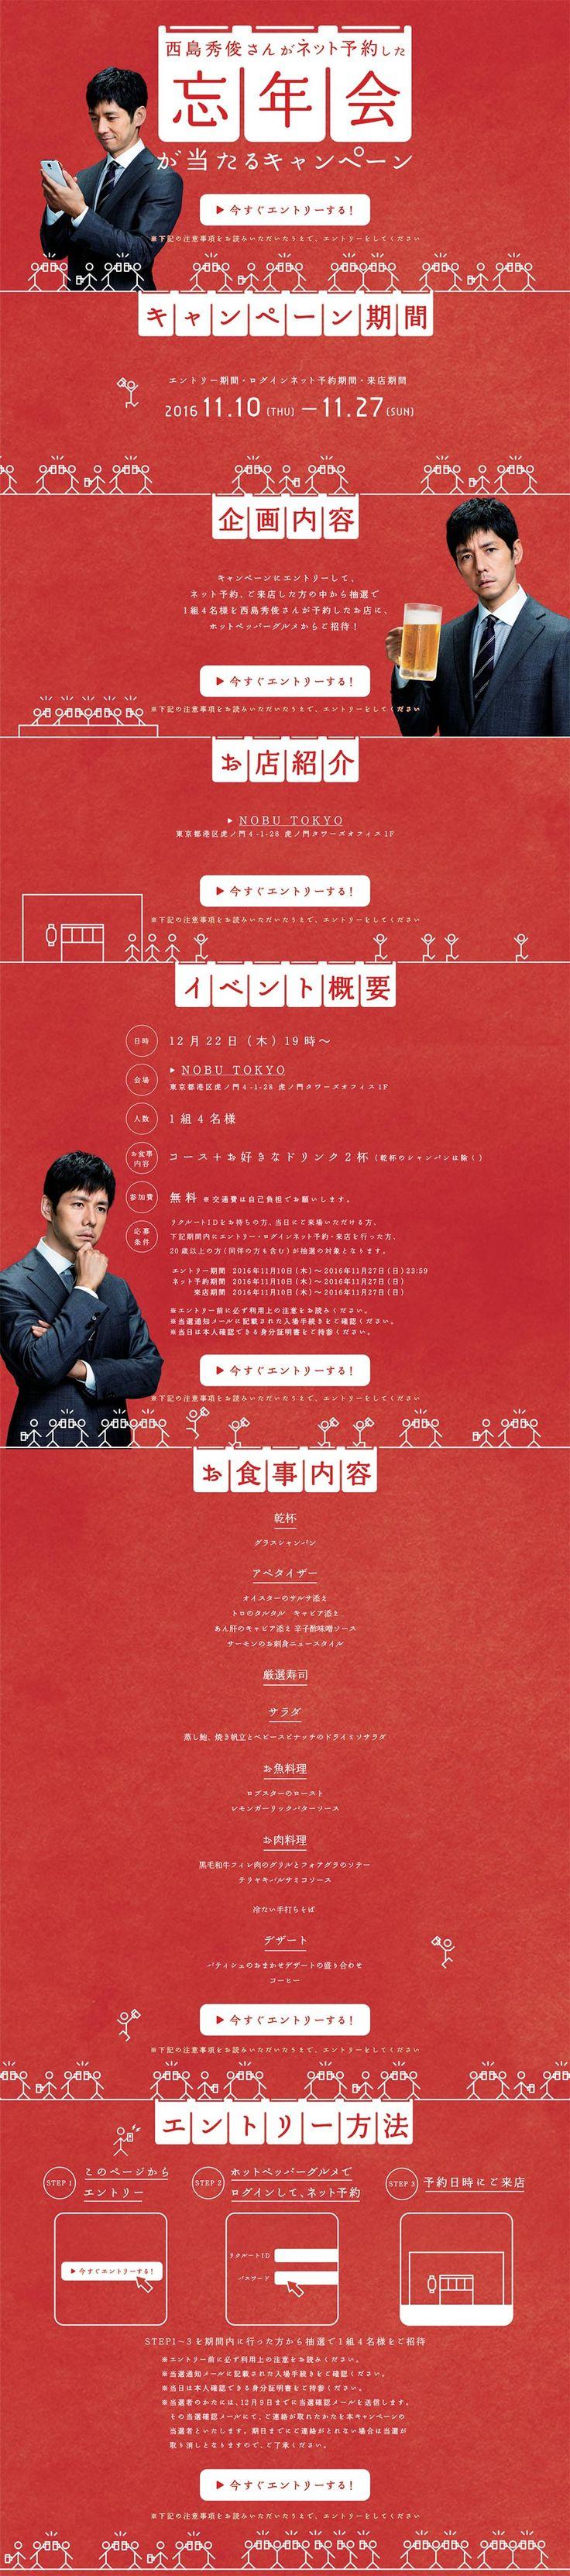 西島秀俊さんがネット予約した忘年会が当たるキャンペーン【サービス関連】のLPデザイン。WEBデザイナーさん必見!ランディングページのデザイン参考に(かわいい系)